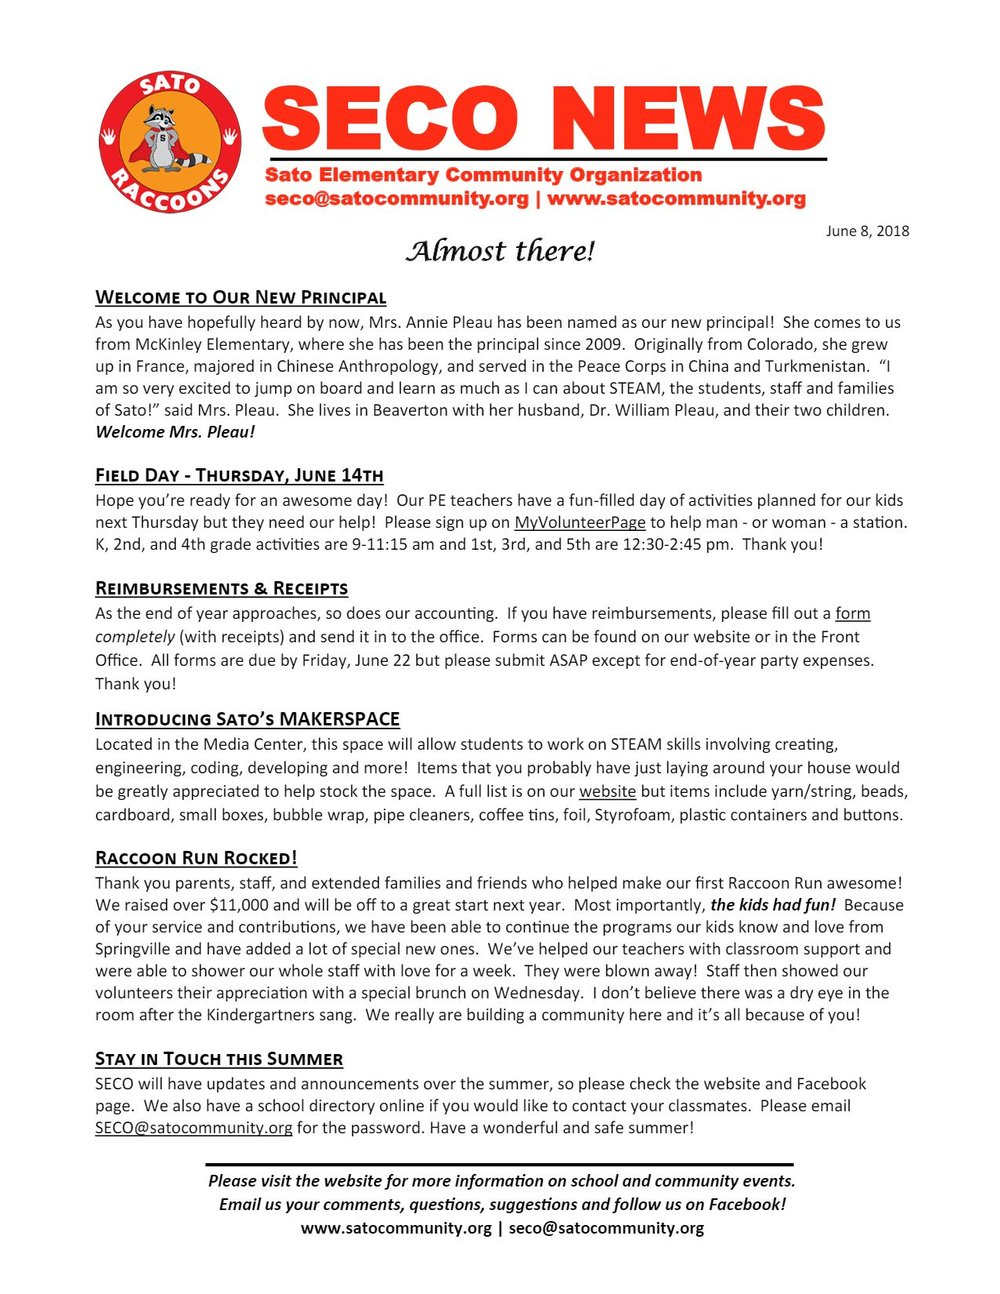 NewsletterJune8-18-1.jpg